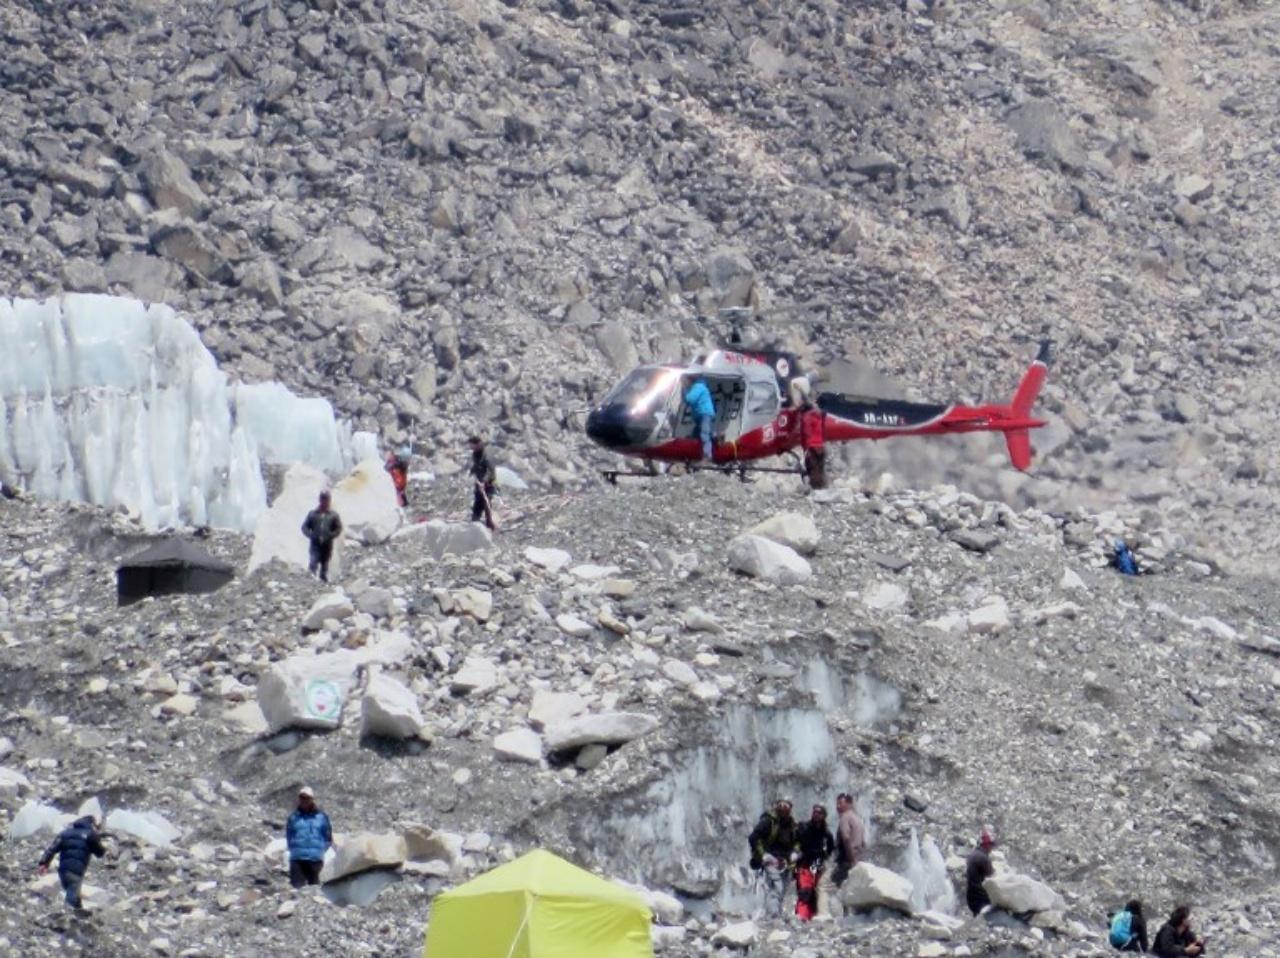 เฮลิคอปเตอร์กู้ภัยบินมารับศพไกด์ชนเผ่าเชอร์ปา เมื่อ18 เมษายน 2557 เสียชีวิตจากหิมะถล่ม 16 ราย